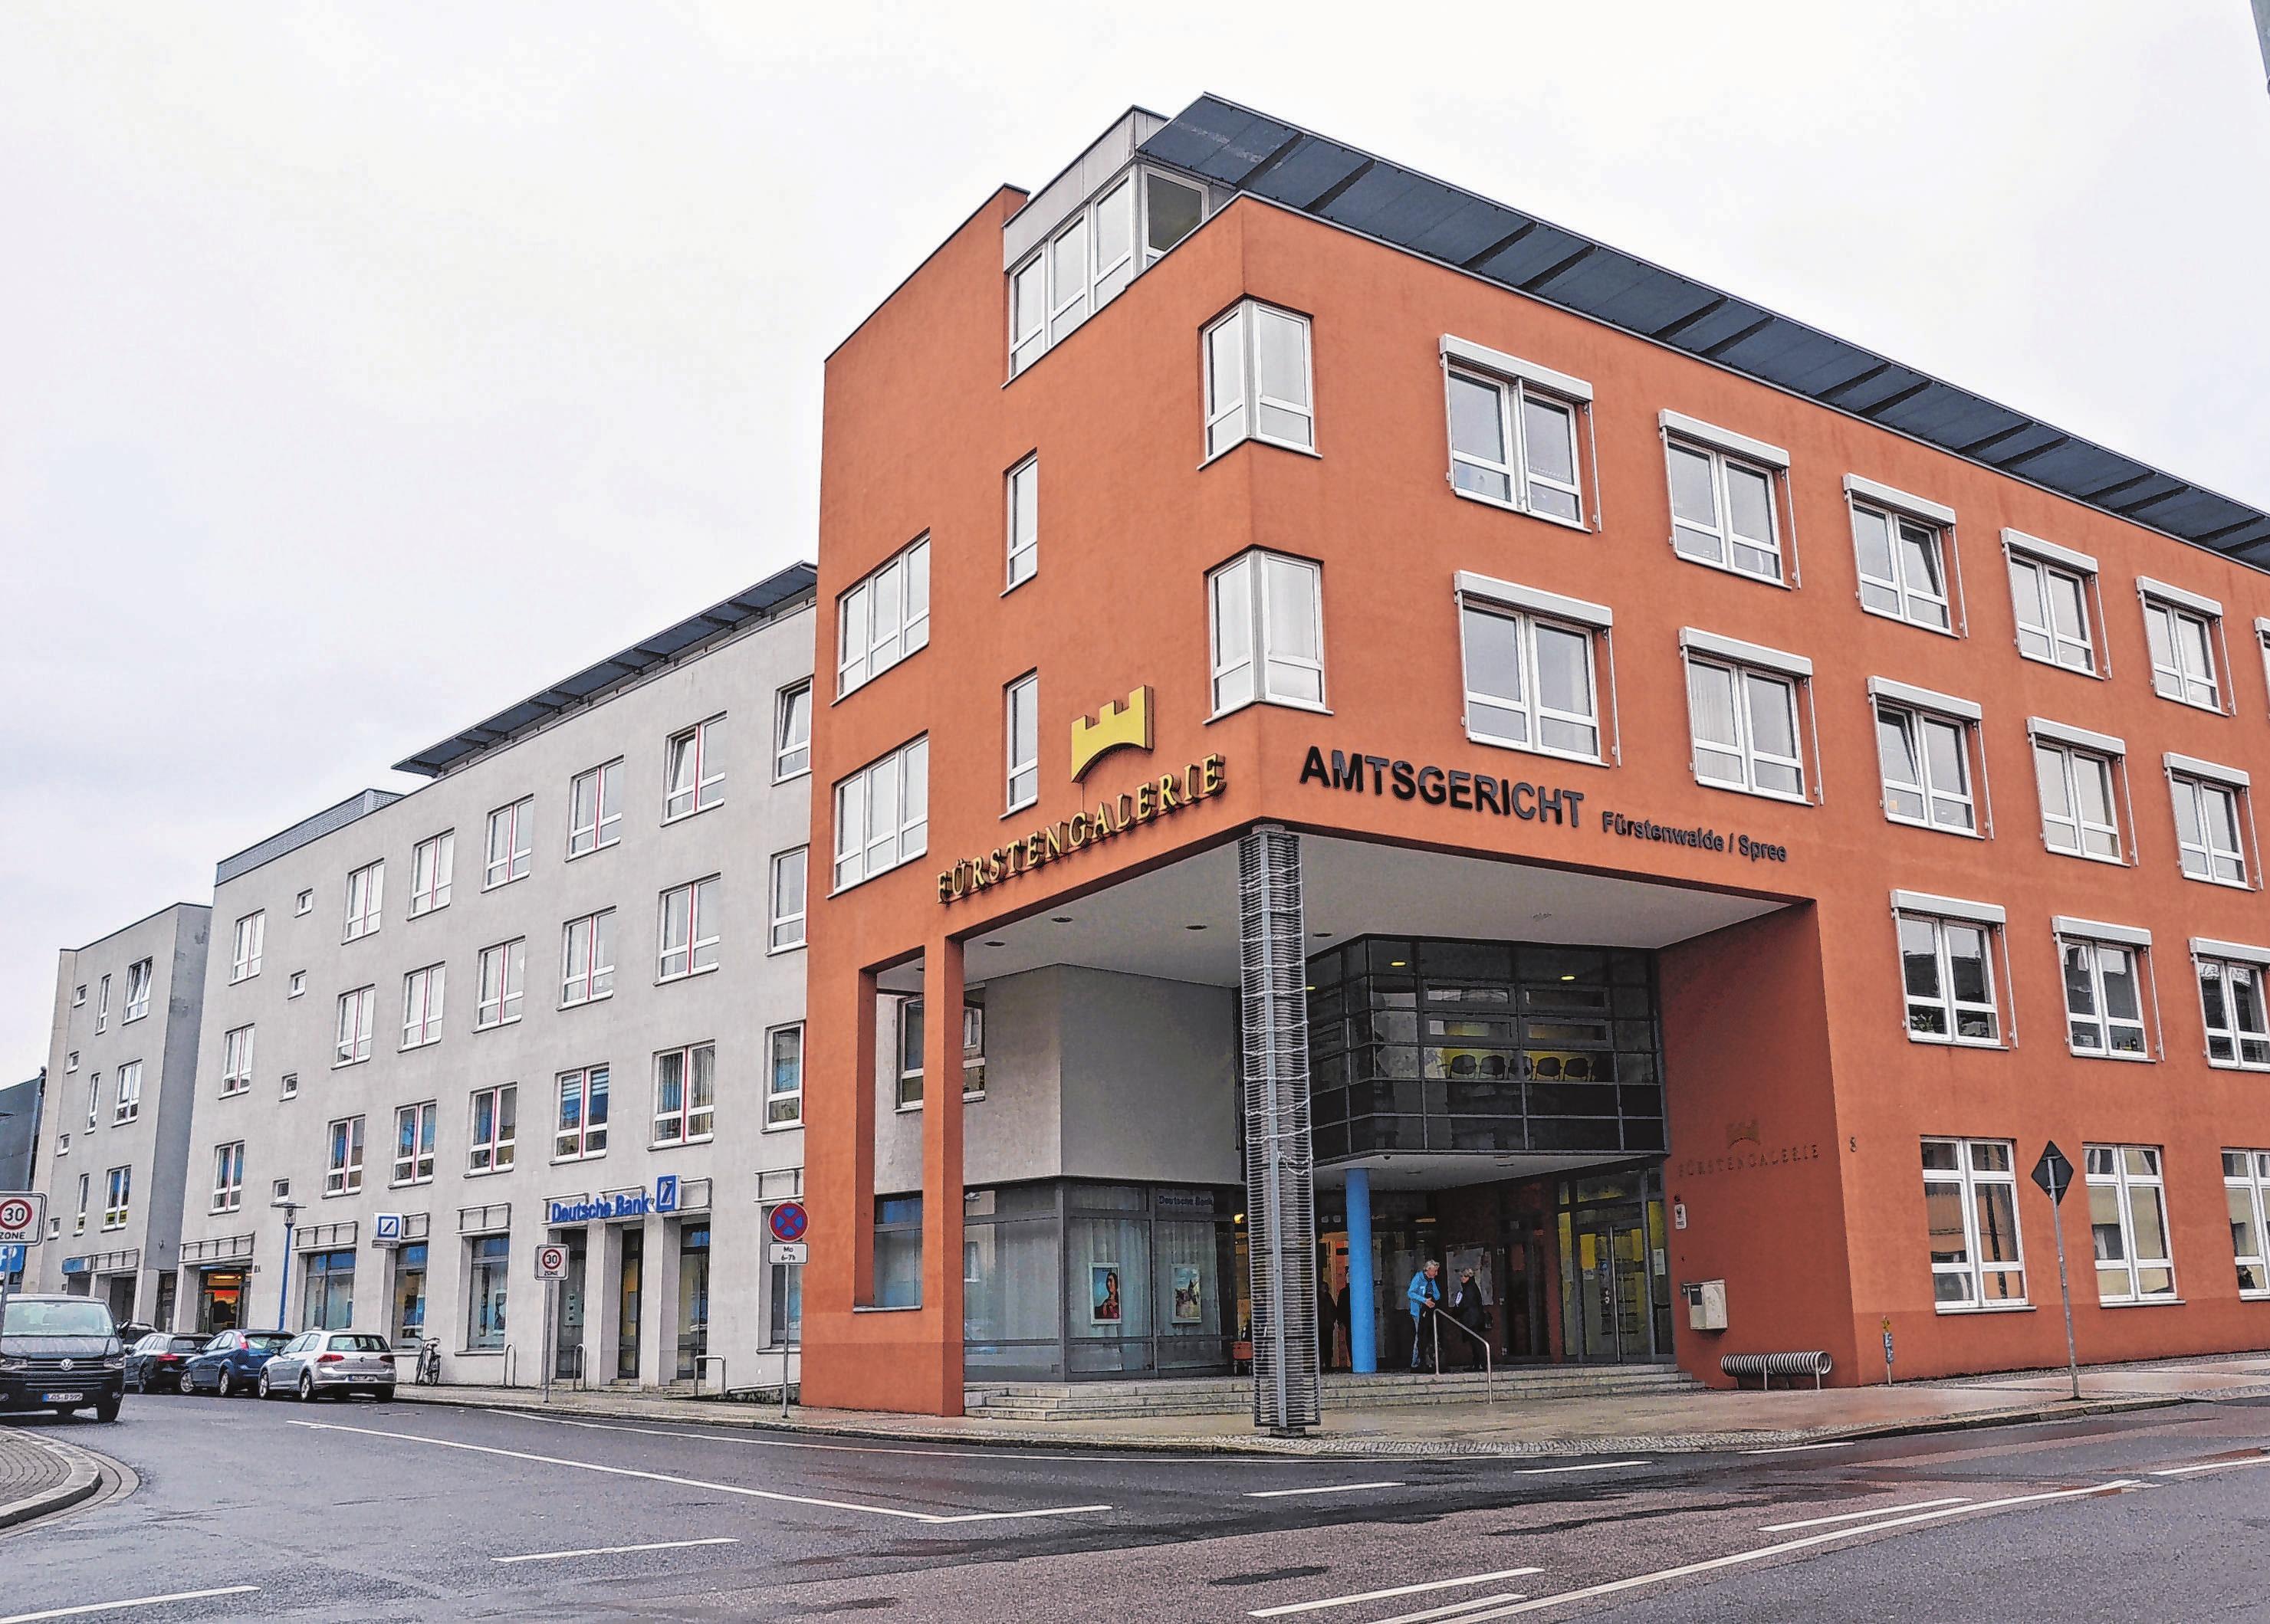 Die Fürstengalerie in der Rheinheimer Straße 18 ist ein modernes, attraktives Shoppingcenter mit ca. 2200 Quadratmeter Verkaufsfläche sowie weiteren Einkaufs- und Dienstleistungsangeboten und auch Wohnungen. Seit dem Herbst letzten Jahres liegt das Management in Händen von Kathrin Kelling, Assistentin der Geschäftsführung bei der WoWi GmbH.